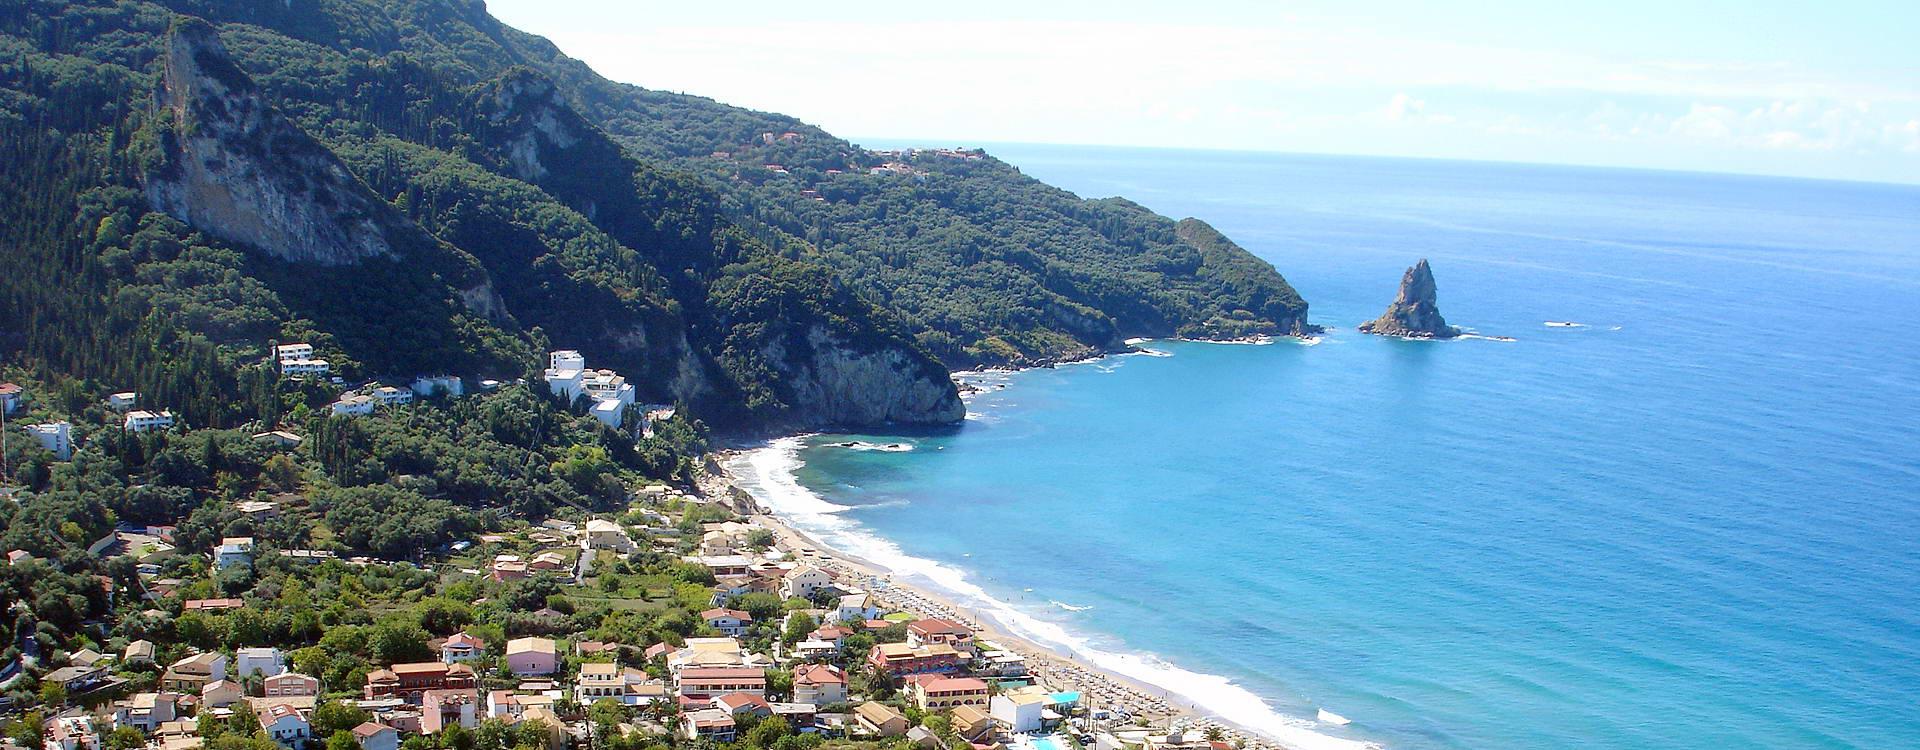 Пляж Агиос Гордиос информация, описание, отзывы и фото